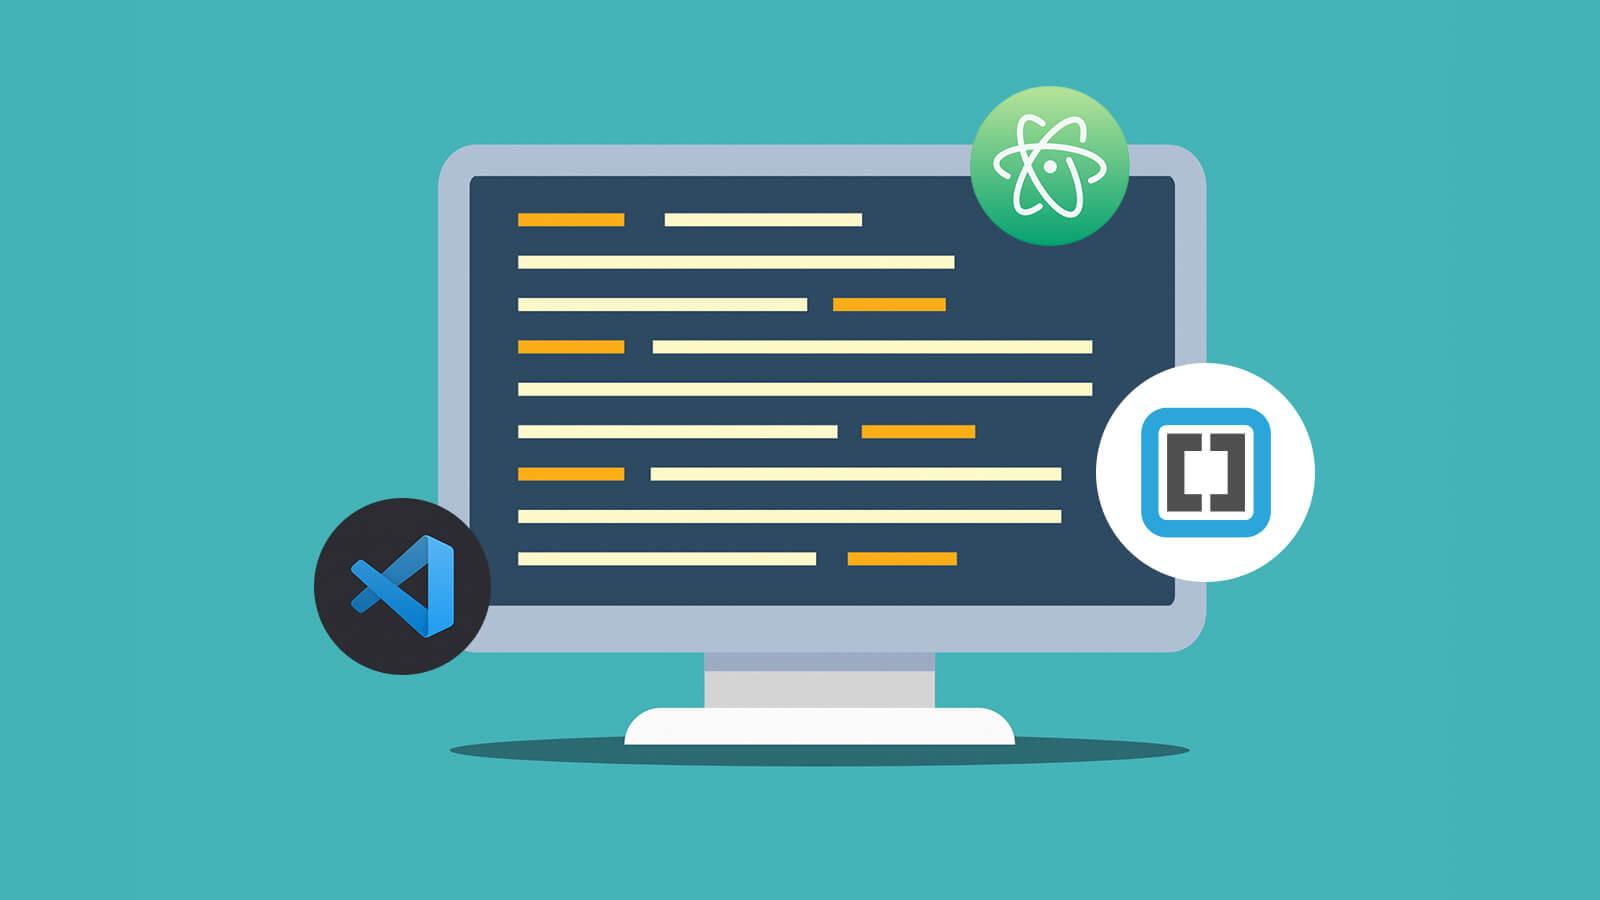 Milyen kódszerkesztőt érdemes használni?